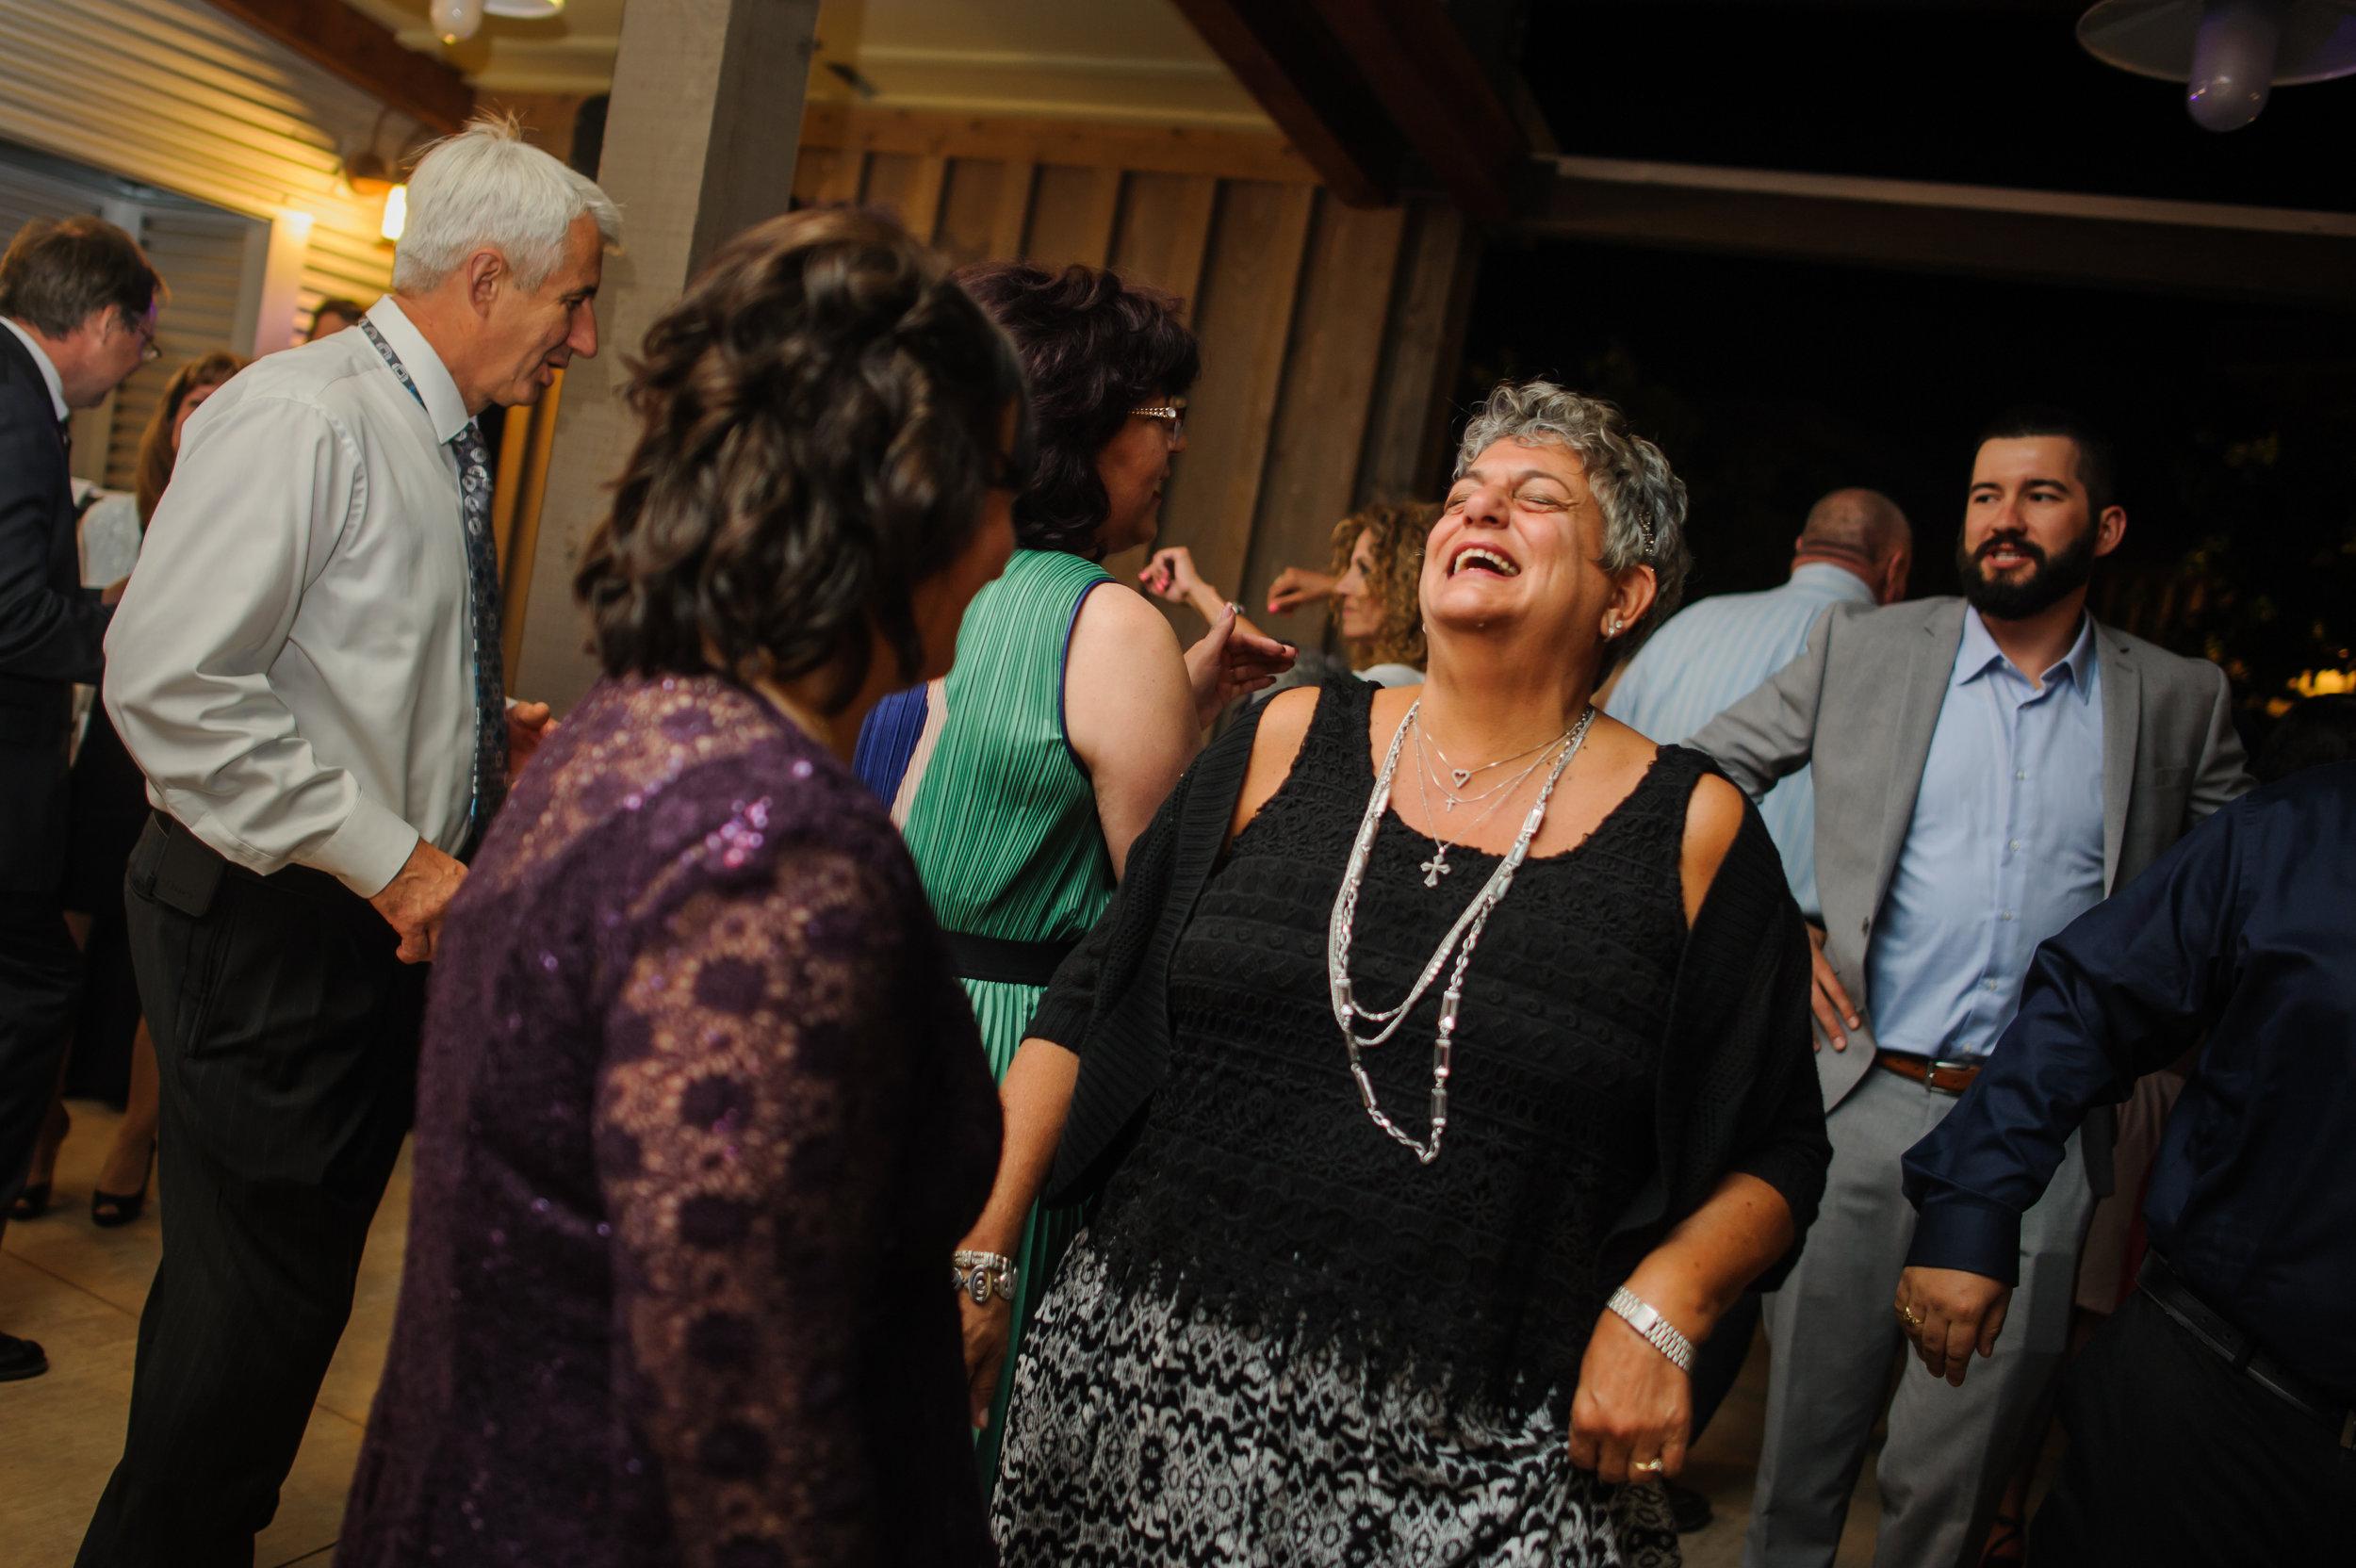 casey-sasha-043-helwig-winery-plymouth-wedding-photographer-katherine-nicole-photography.JPG